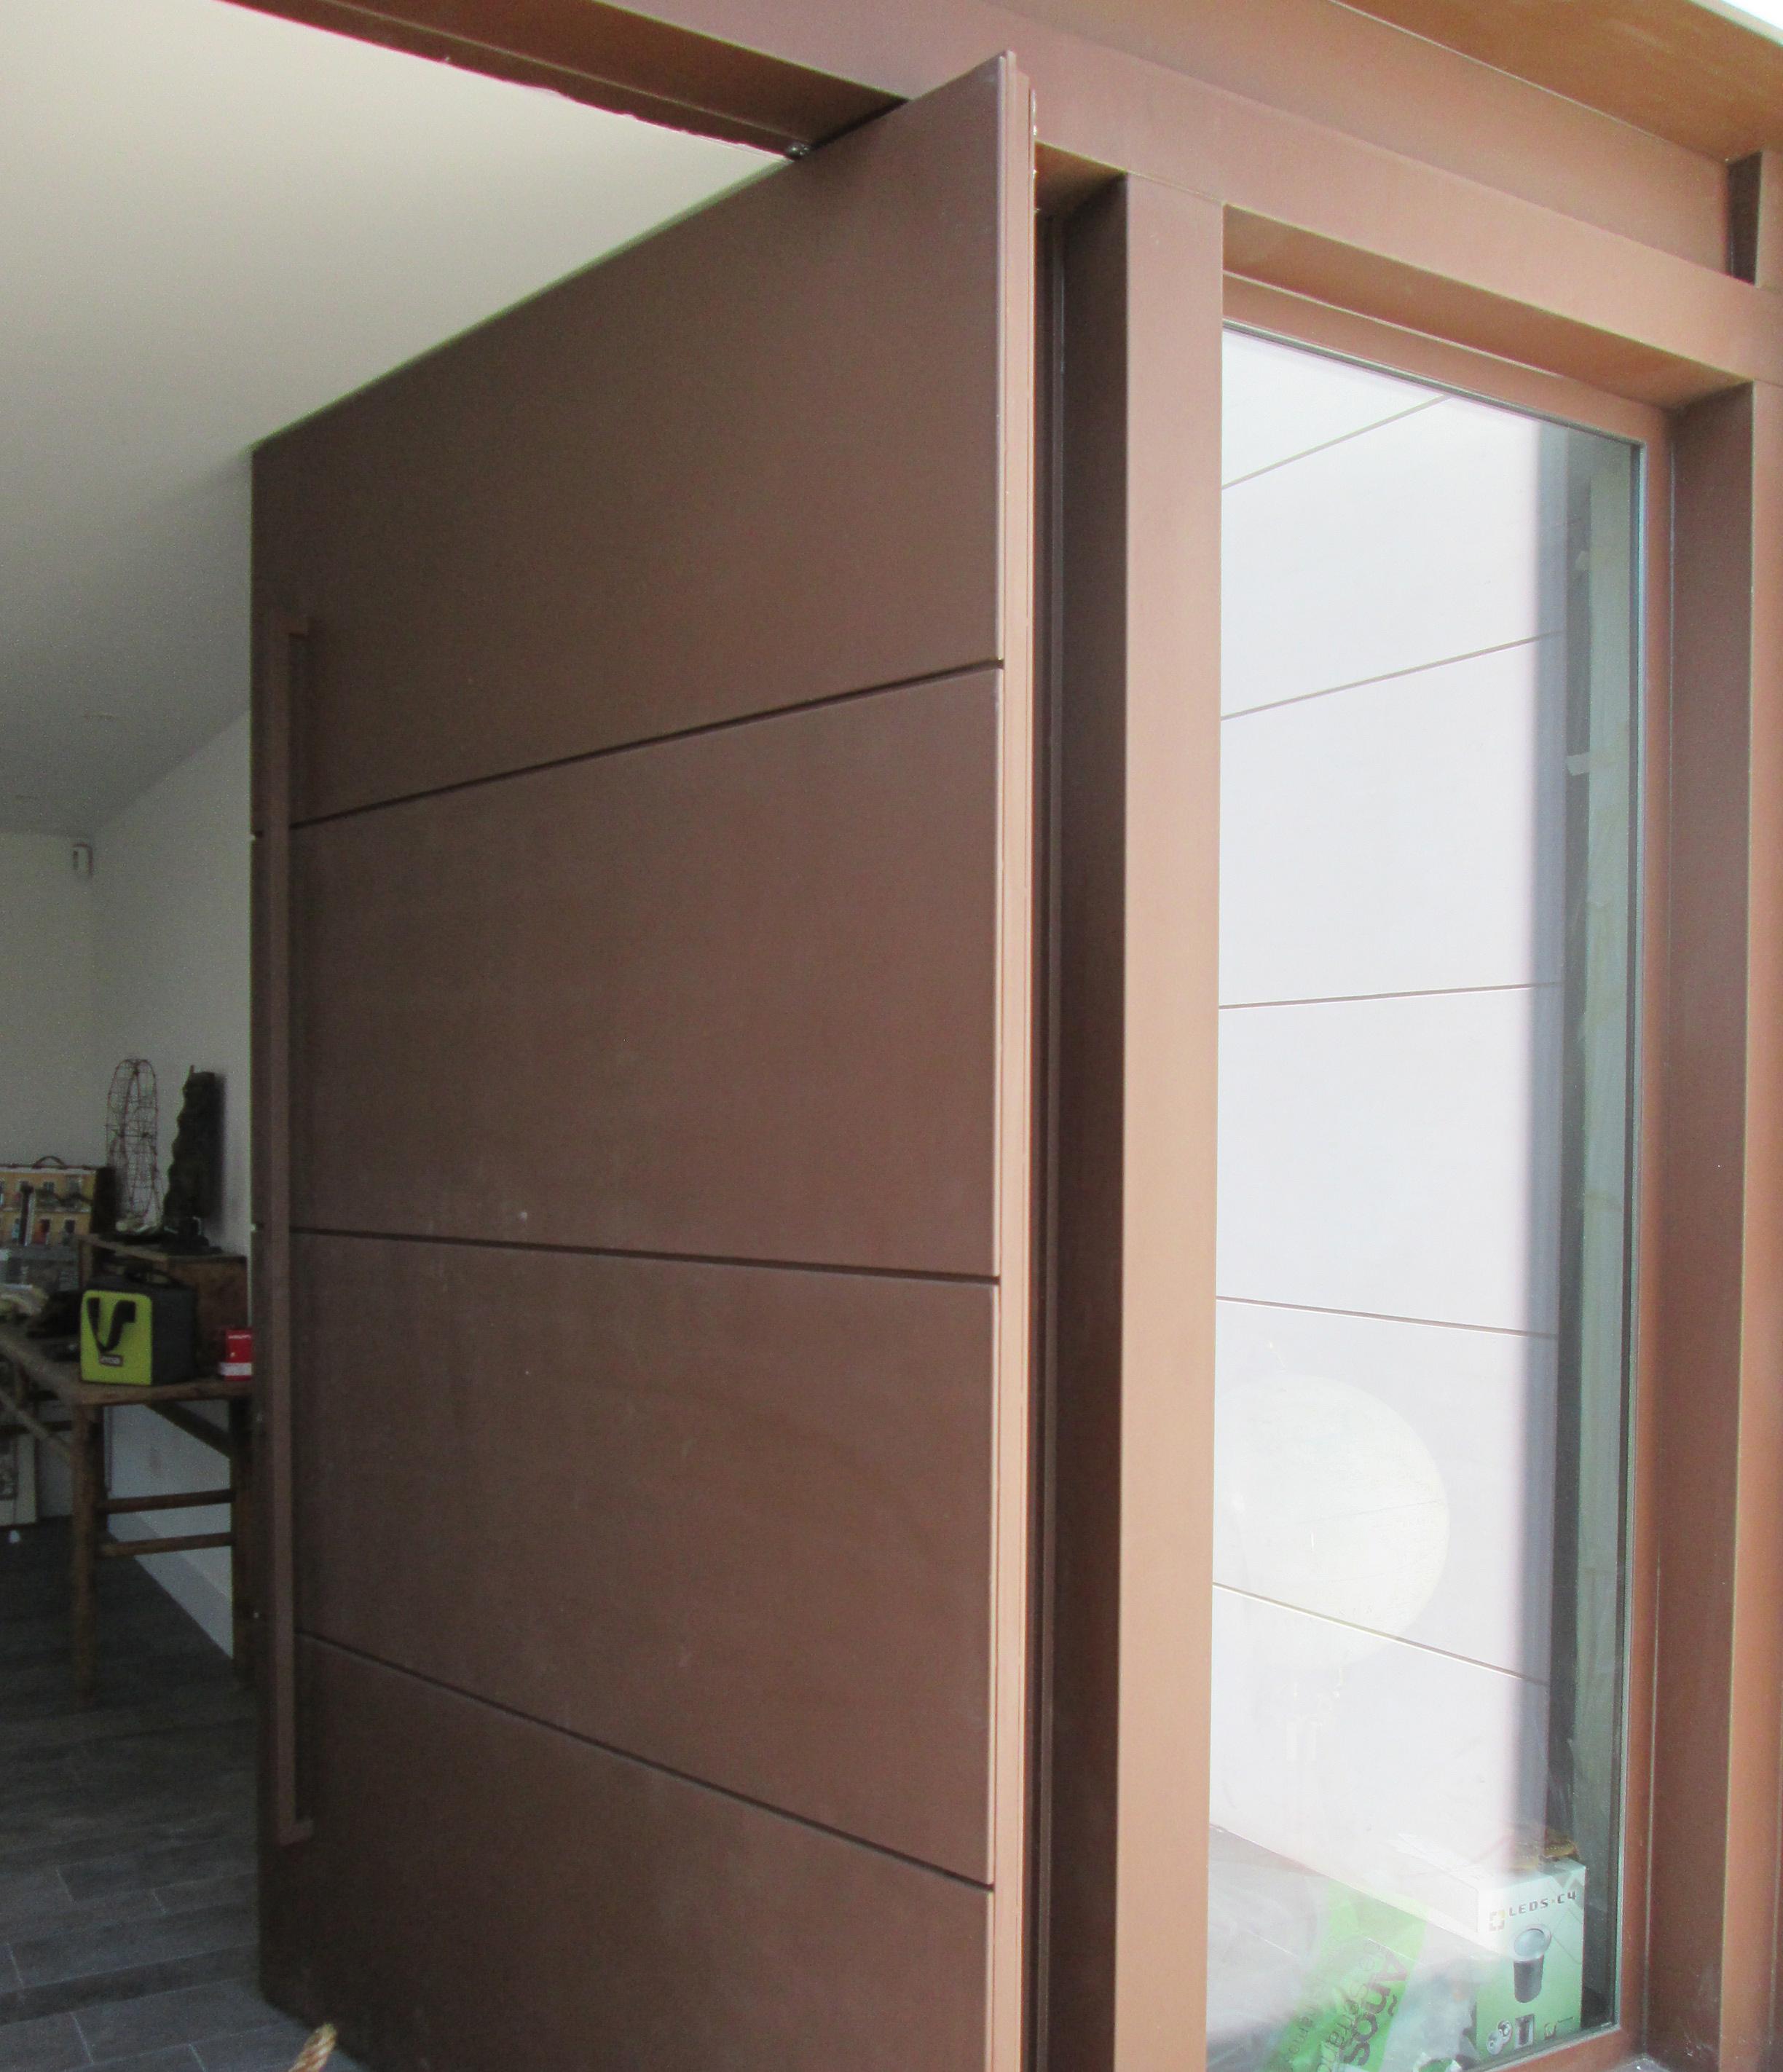 Puertas pivotantes de exterior de m xima seguridad for Puertas de casa principal